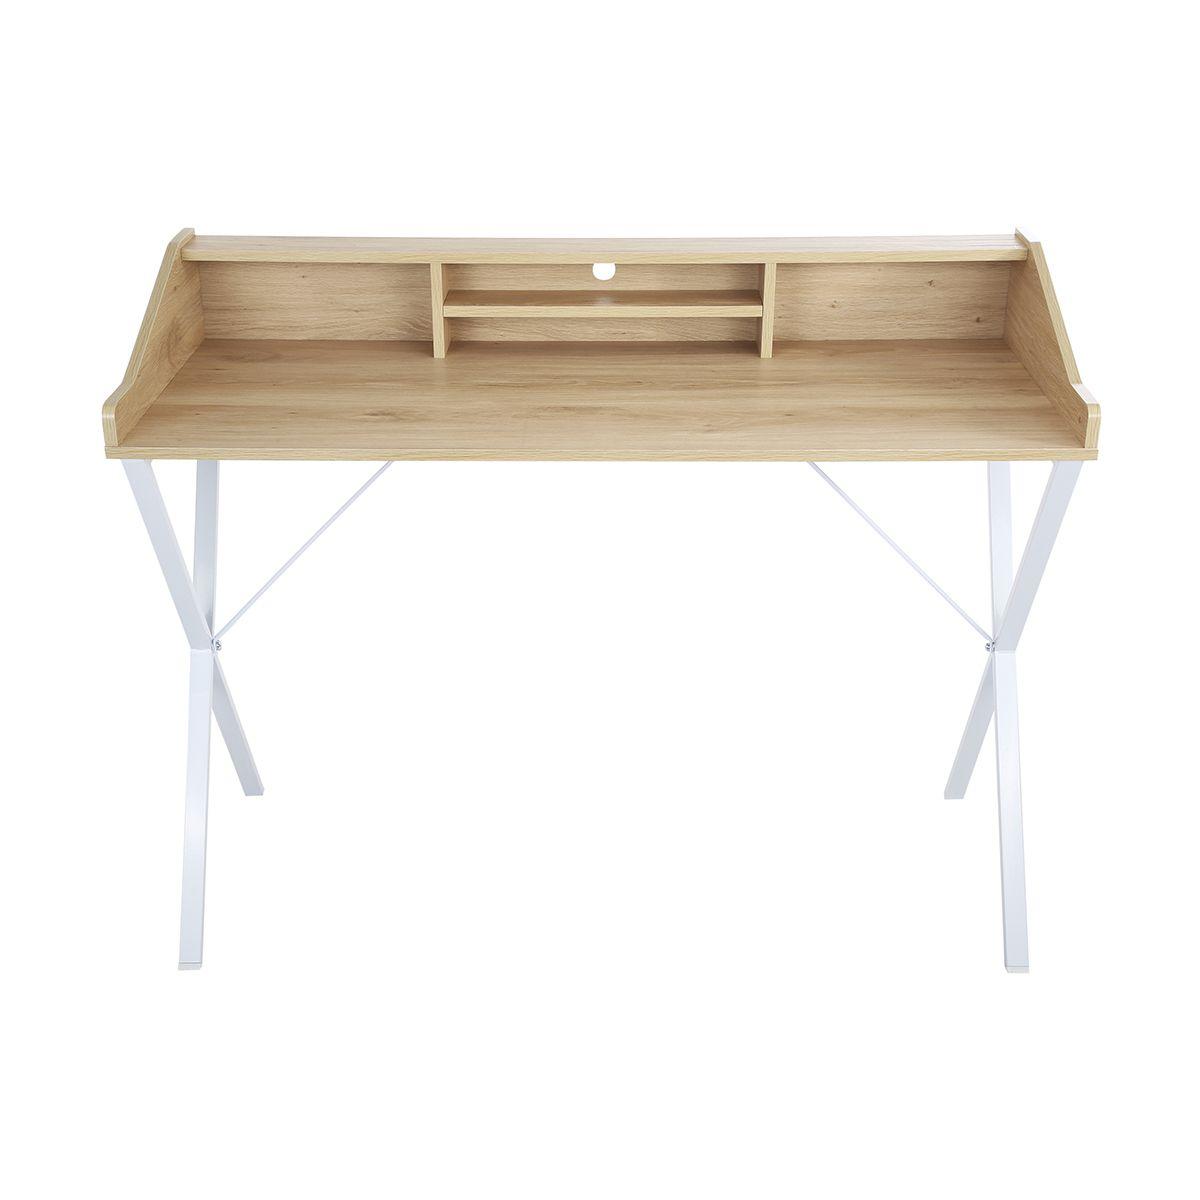 Scandi Tiered Desk Kmart Kmart Home Office Furniture Modern Scandi Bedroom